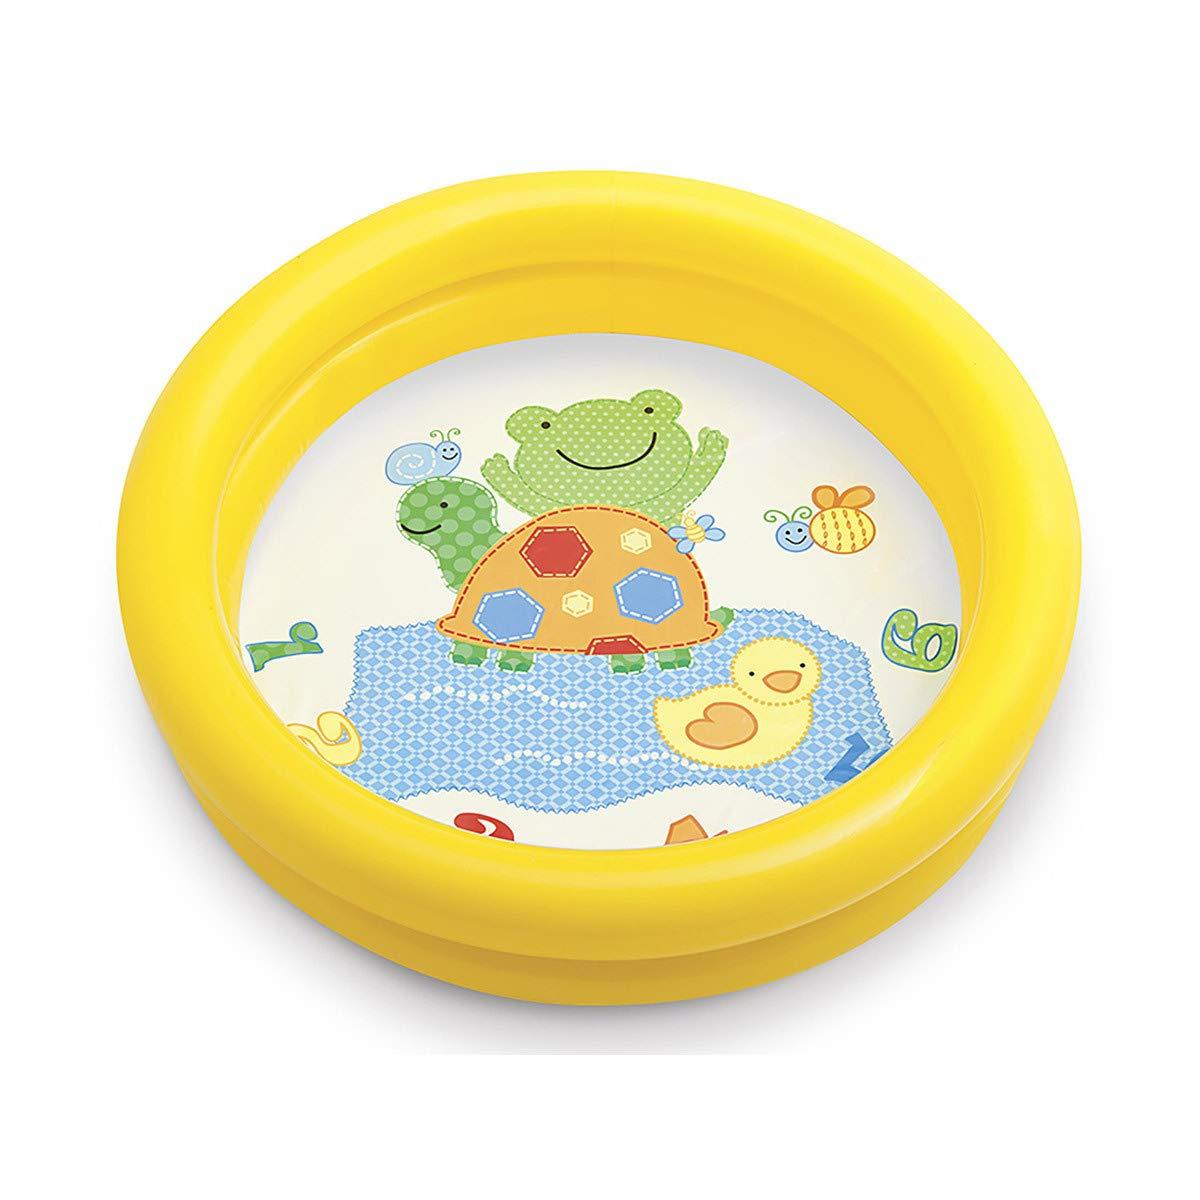 Intex - Pataugeoire ronde pour bébé INTEX 59409EP